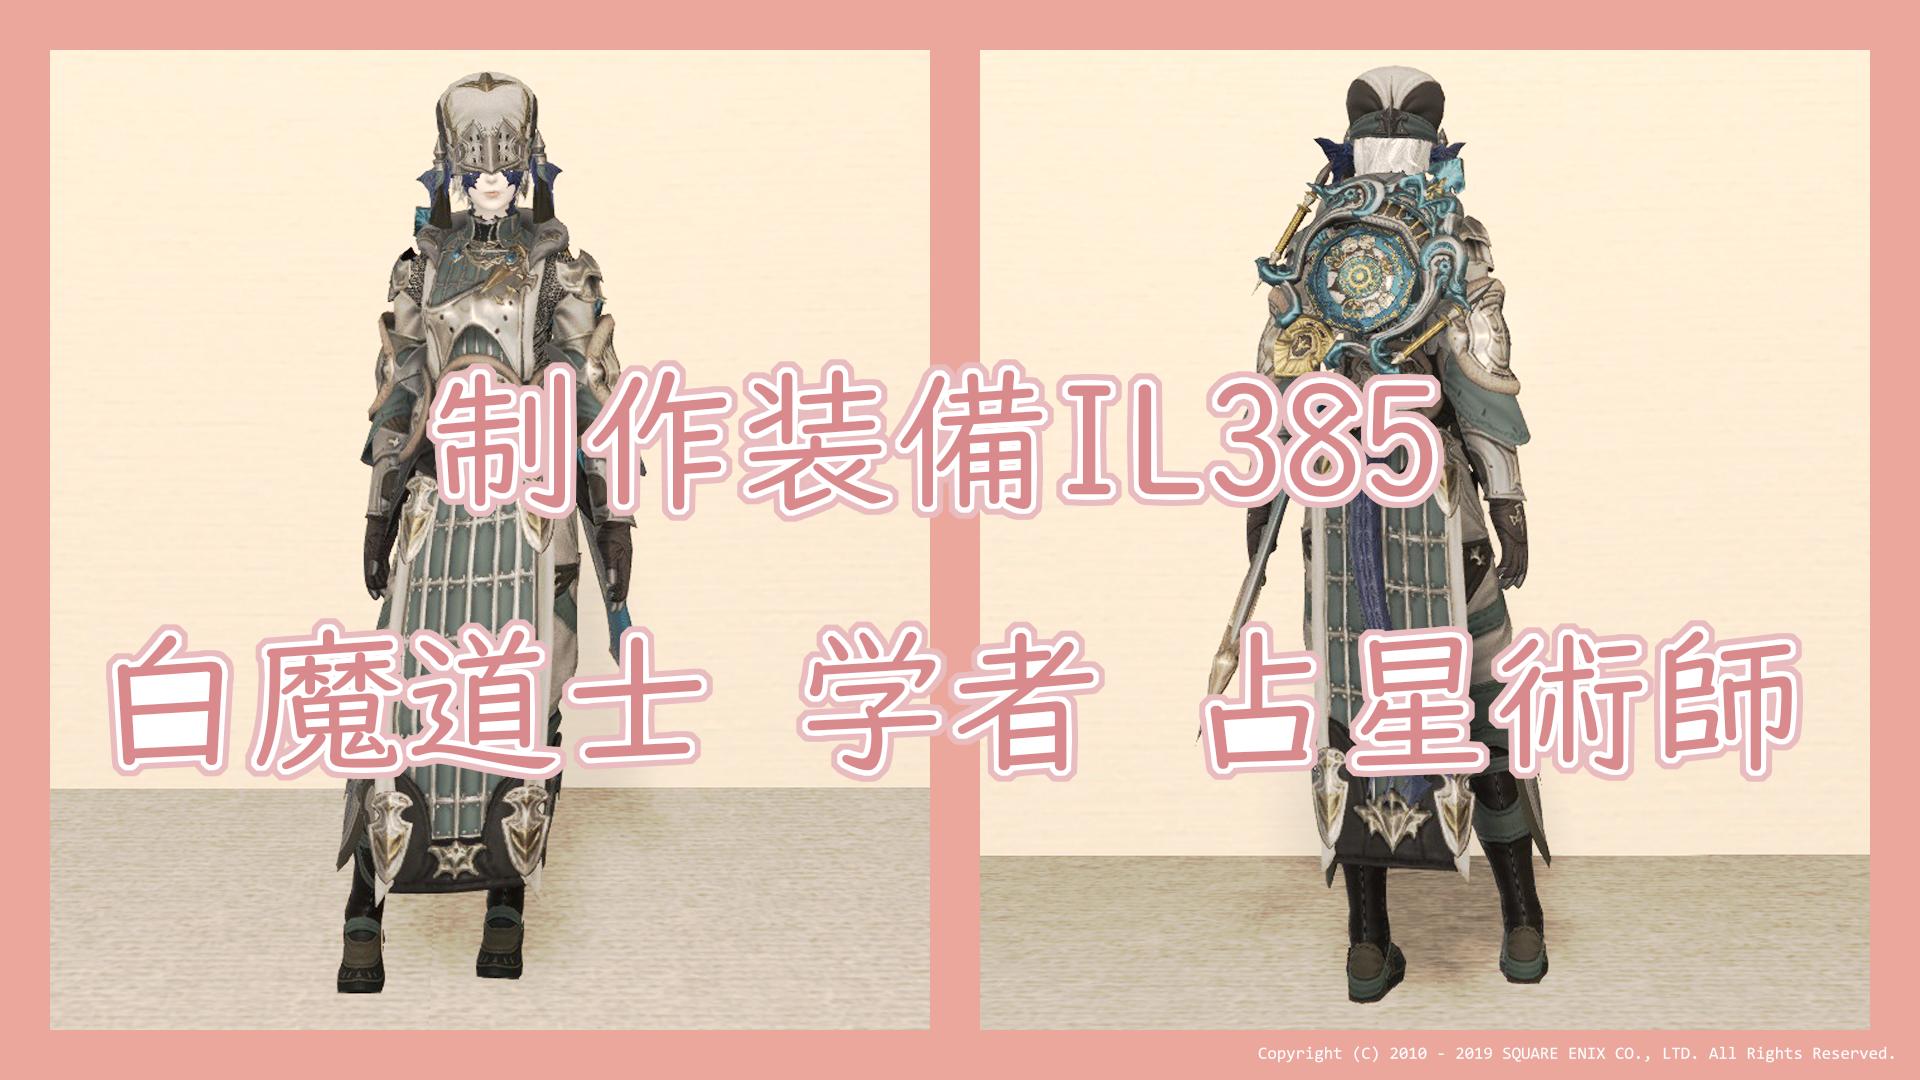 【FF14】制作で入手できるIL385装備【白学占】